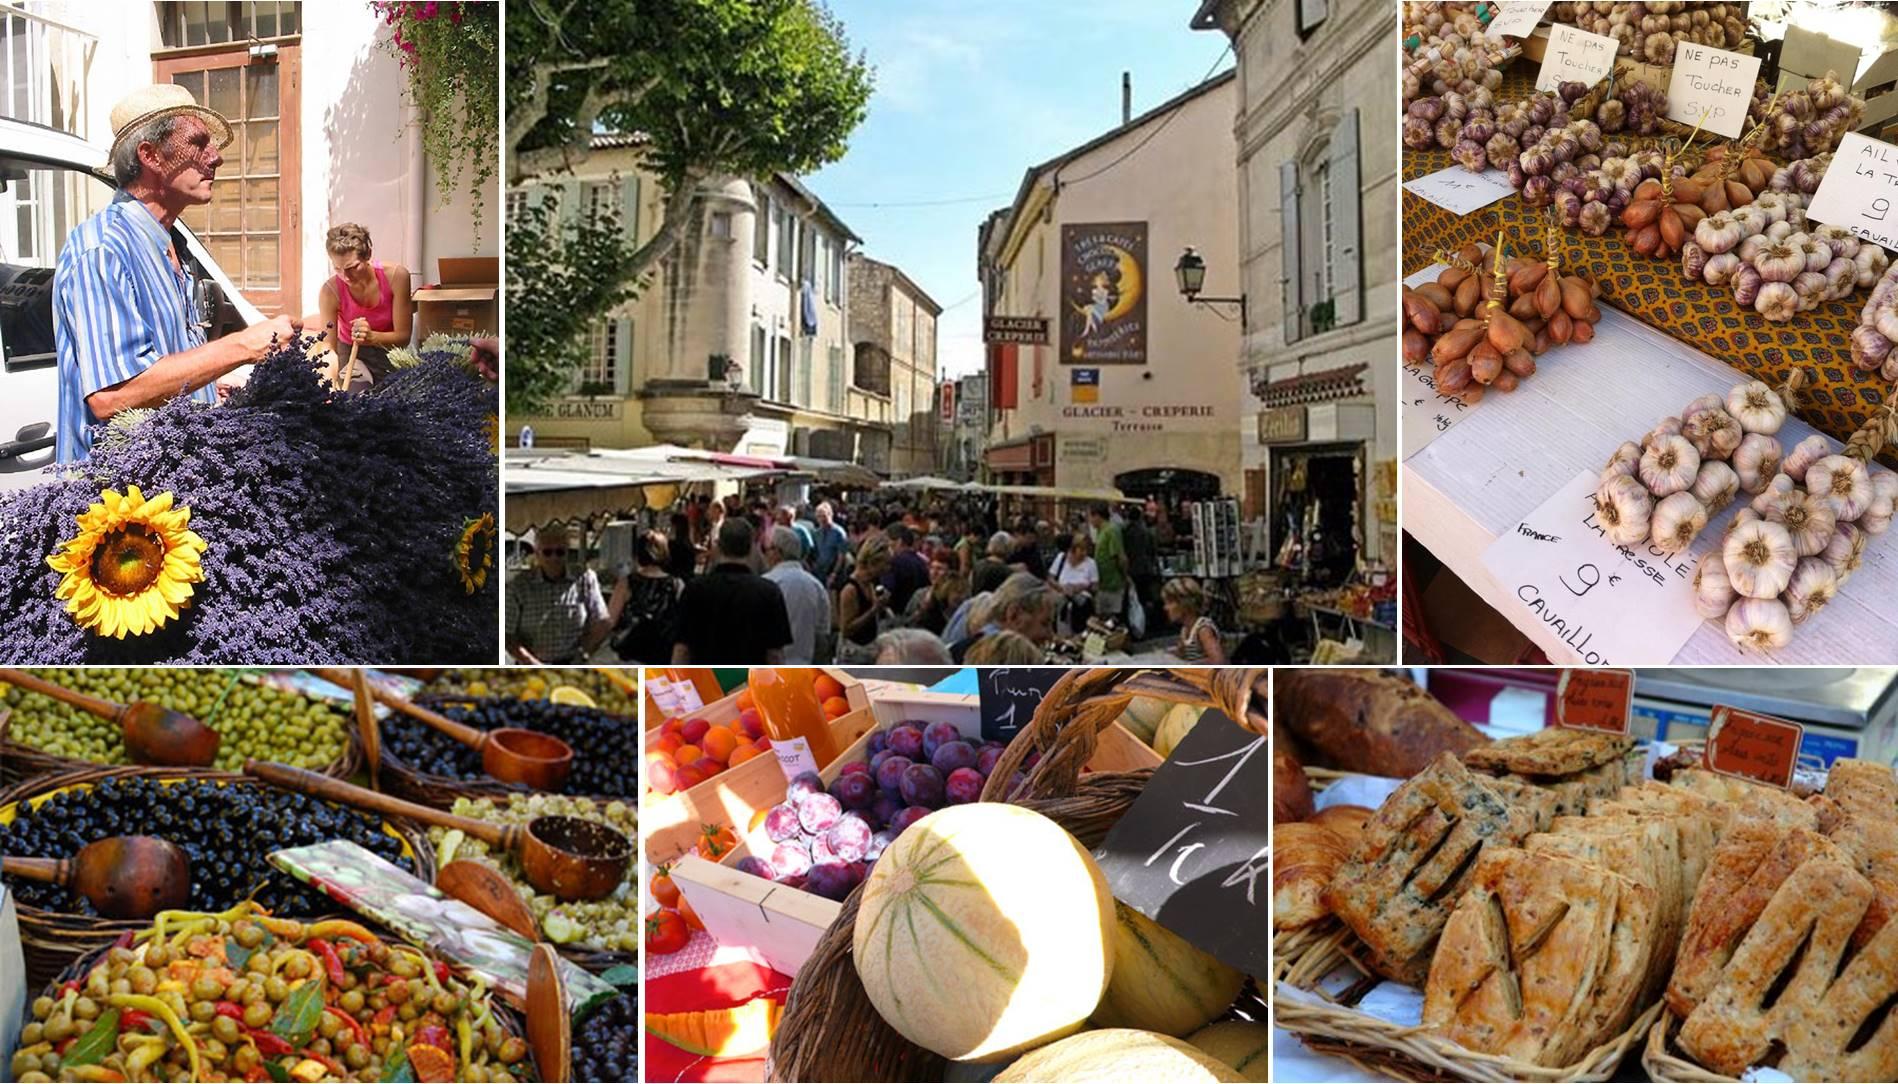 St remy de provence lydie 39 s house for Entretien jardin st remy de provence